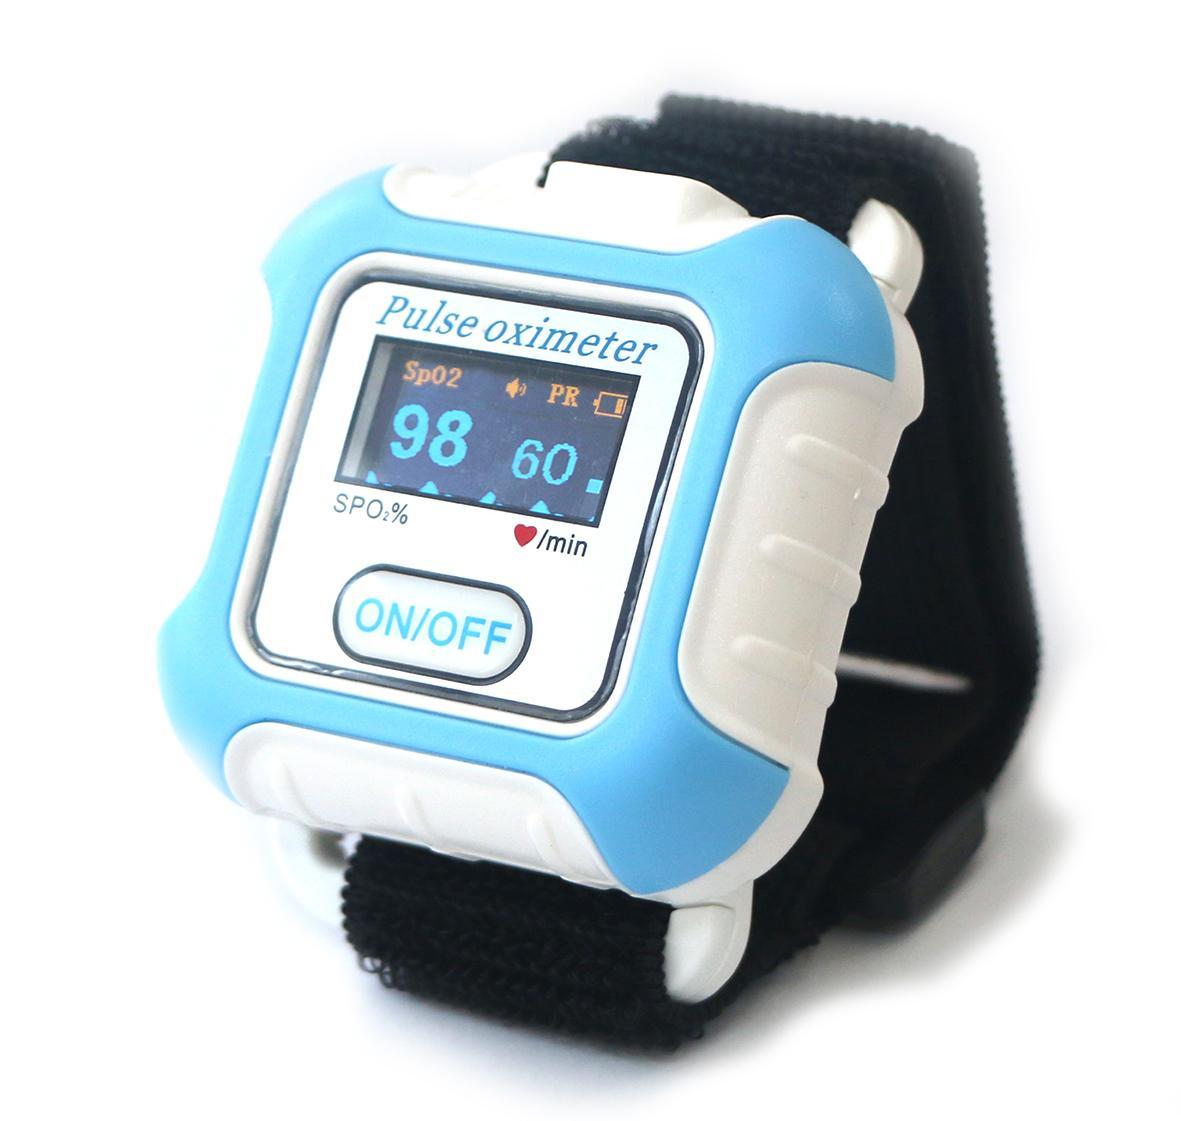 新生儿蓝牙睡眠监测腕式血氧仪 3